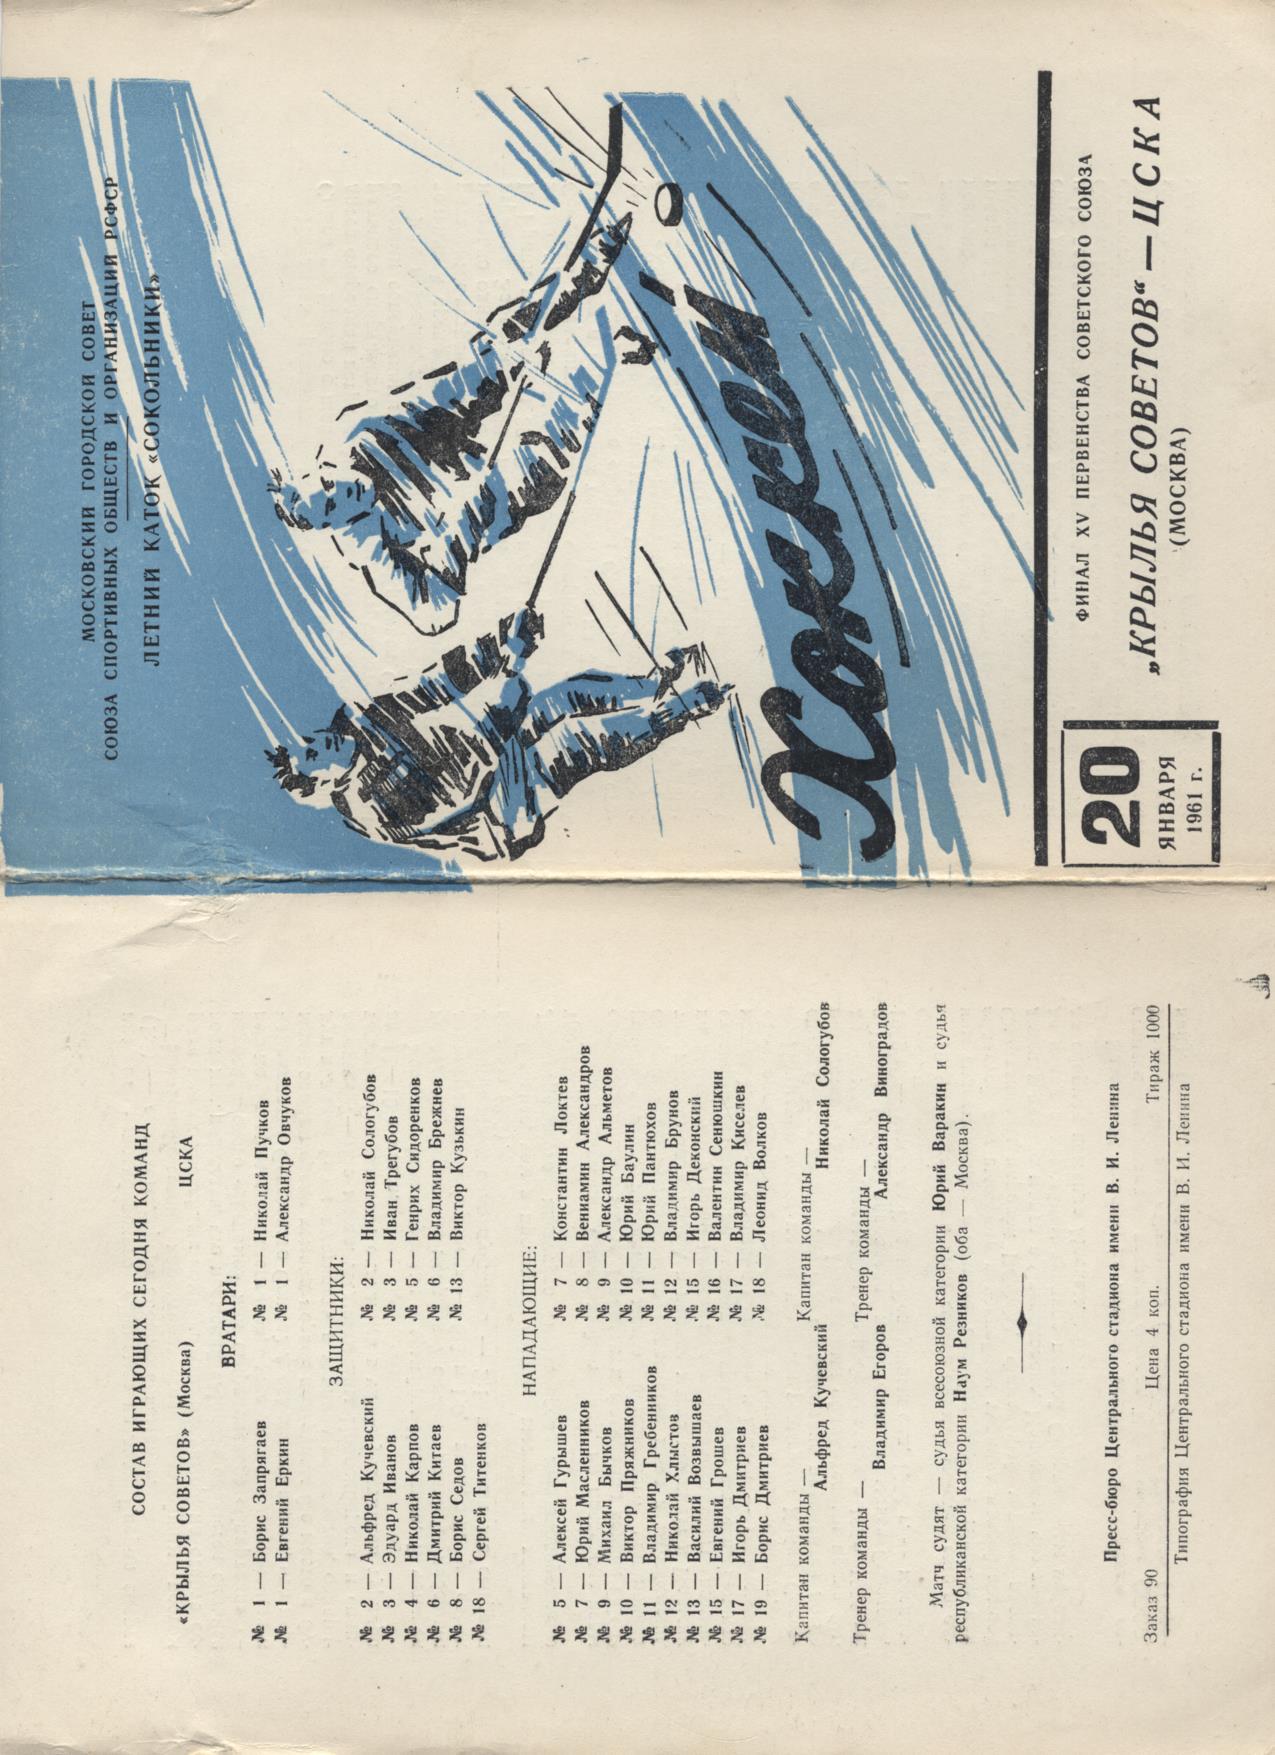 19610120-1.jpg